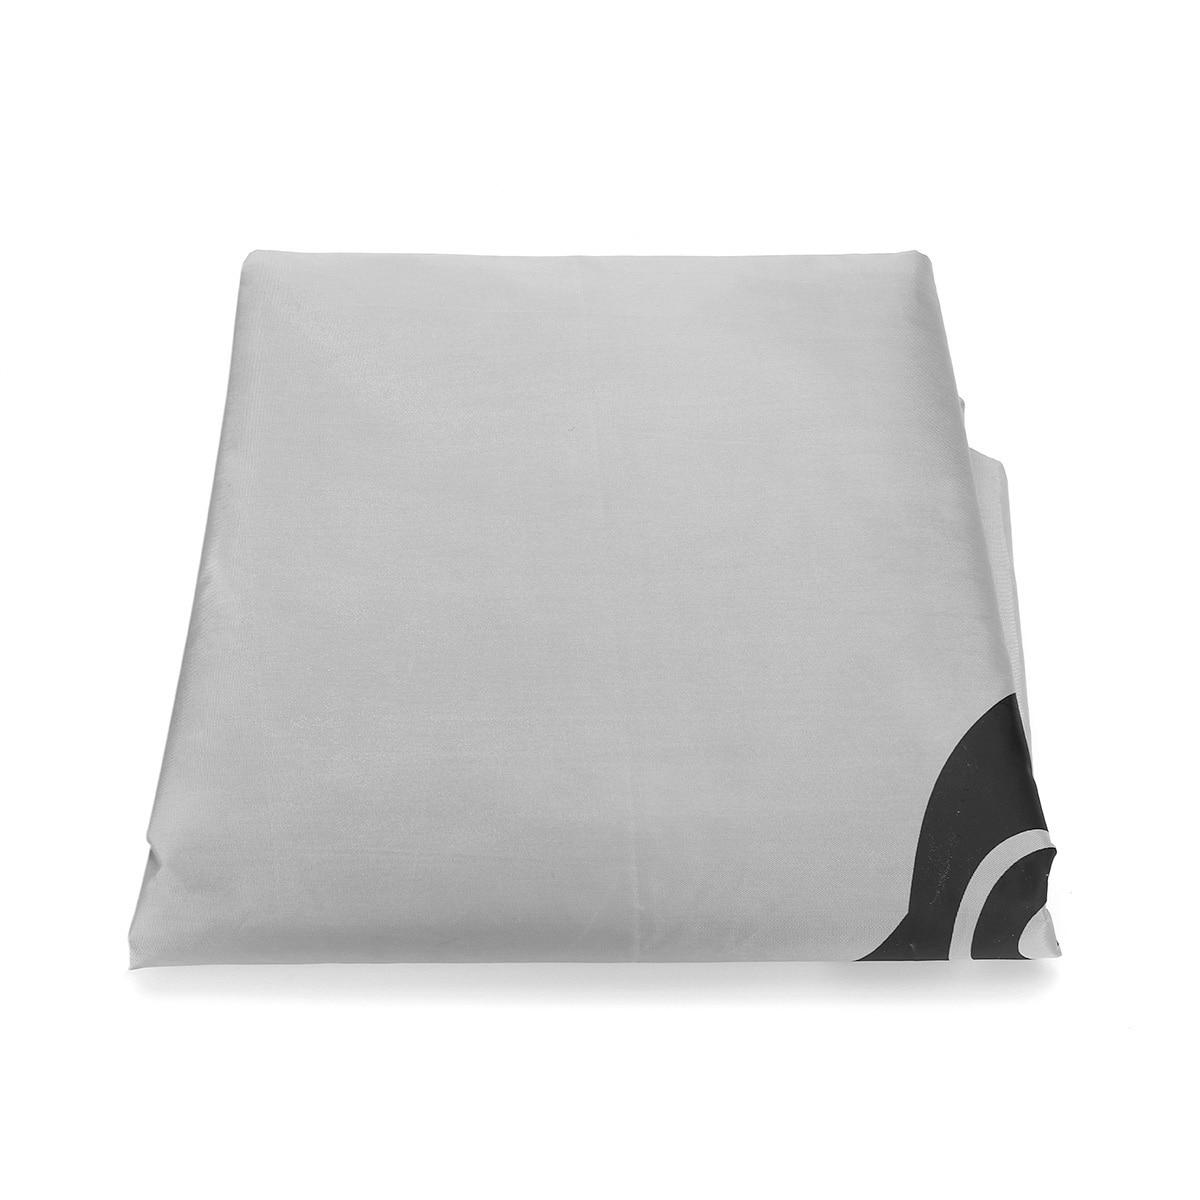 Voiture parapluie soleil ombre couverture extérieure voiture véhicule tente Oxford tissu Polyester couvre 400x210 cm bleu/argent sans support - 6